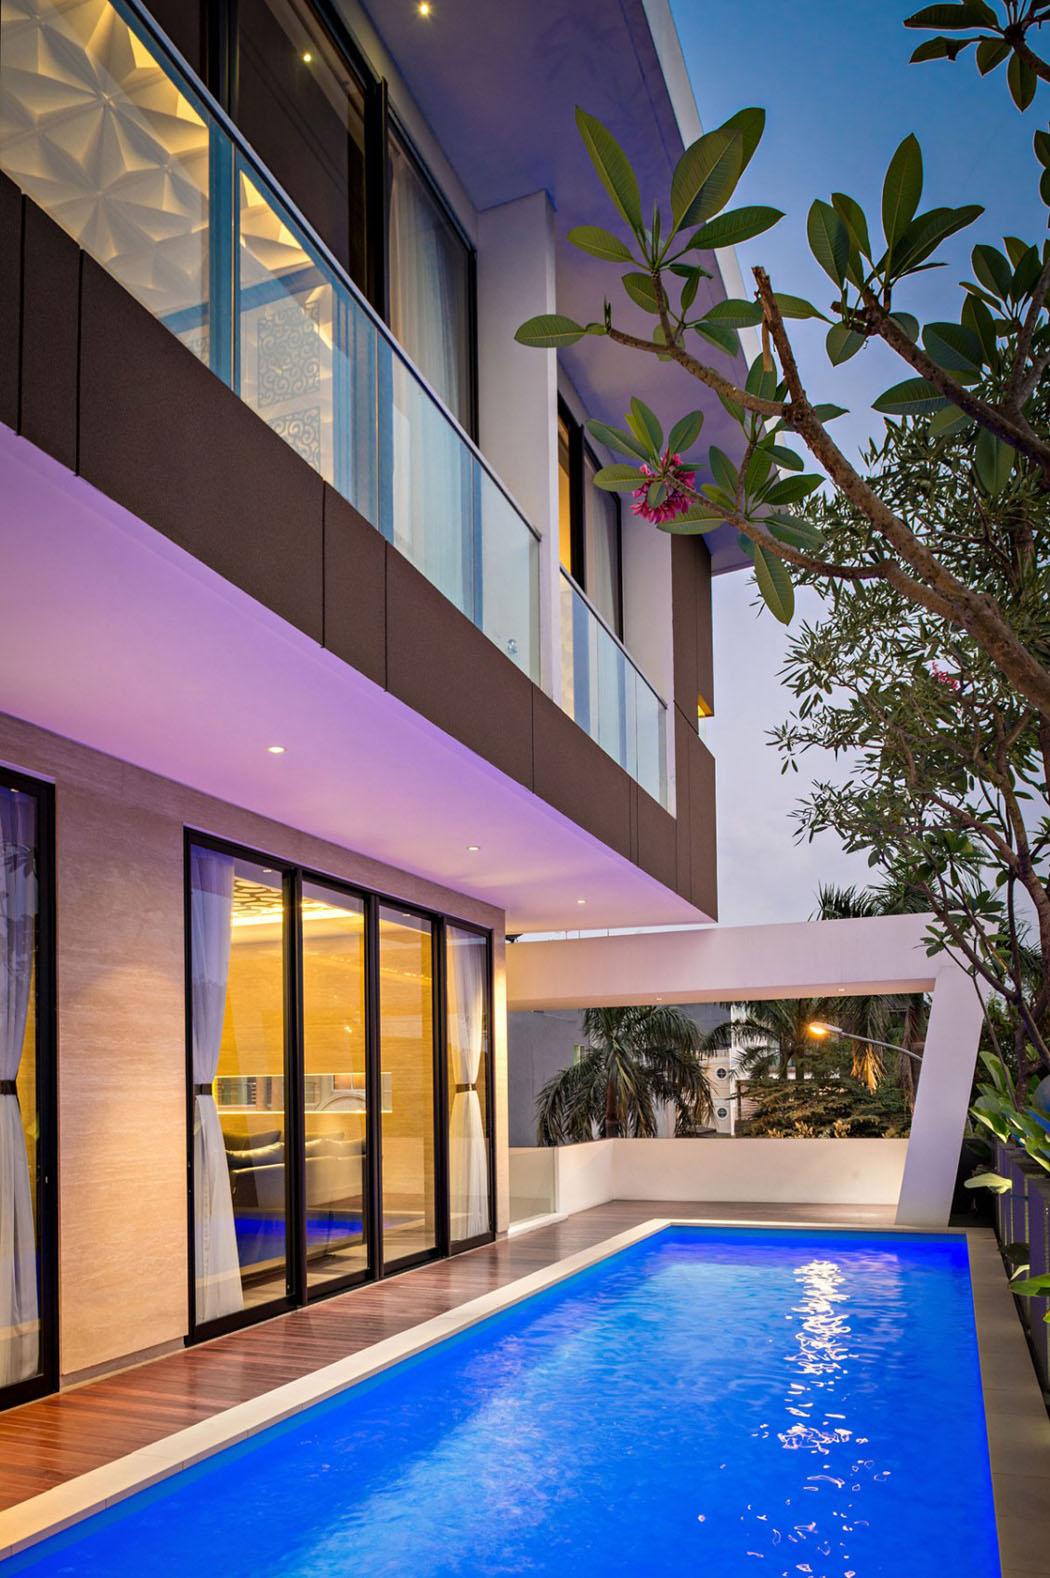 Maison moderne l architecture contemporaine au c ur de - Maison contemporaine de grand standing singapour ...